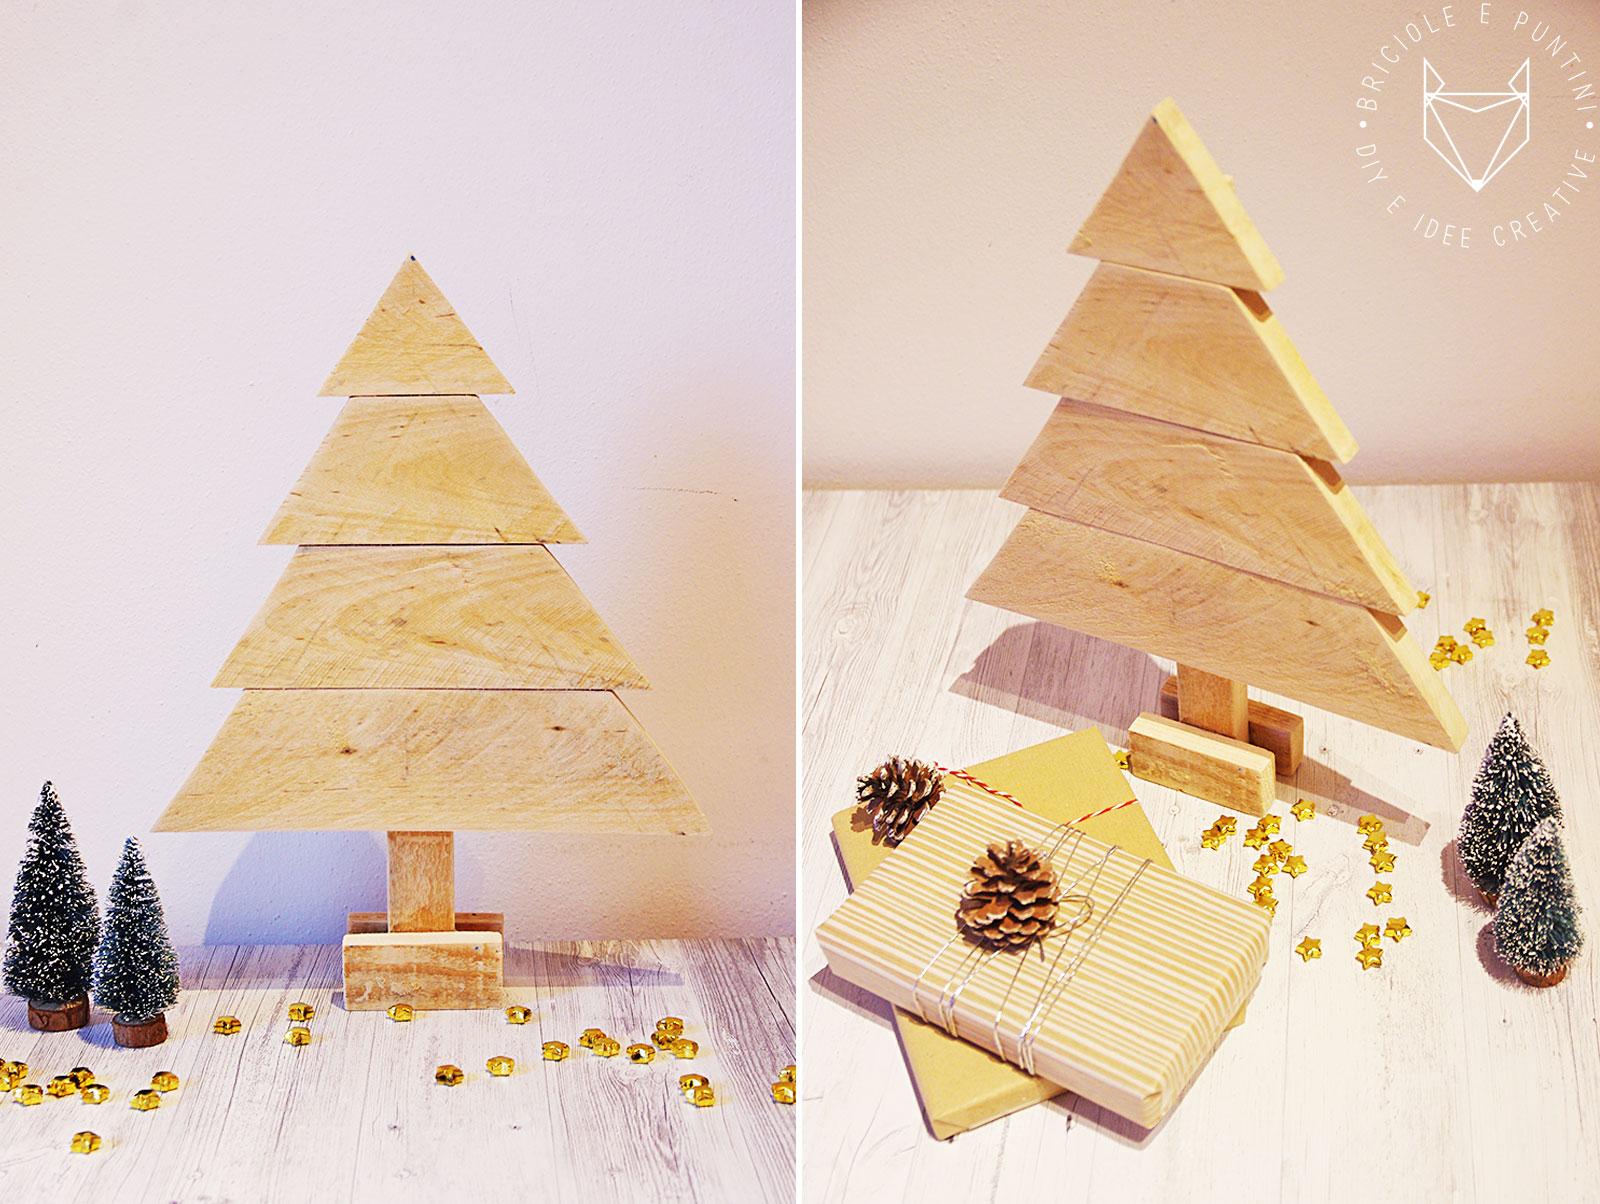 Alberi Di Natale In Legno Da Appendere : Albero di natale in legno con i pallet riciclati u briciole e puntini